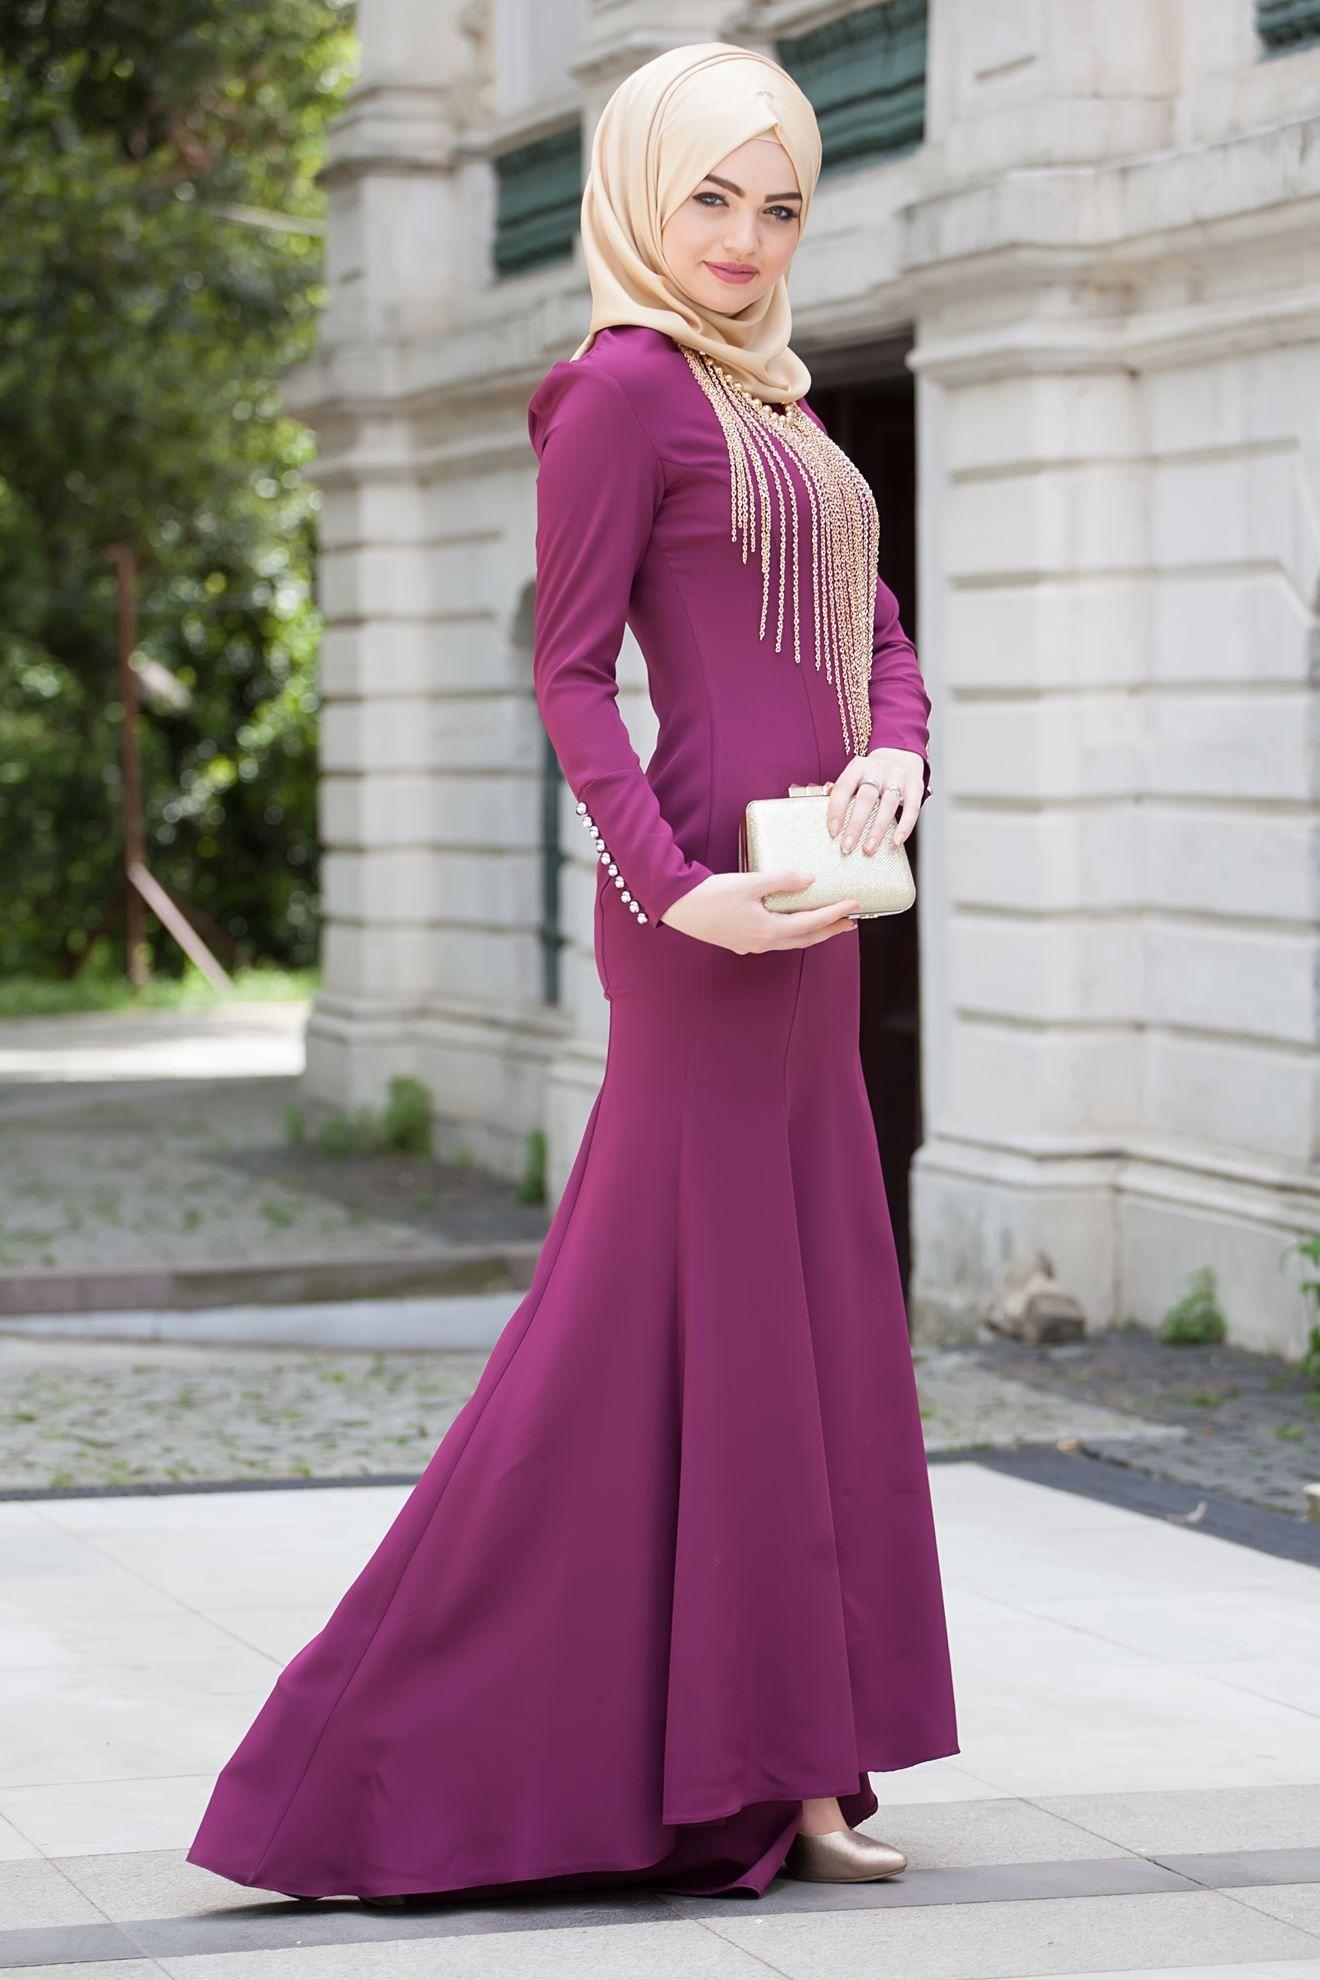 b3d2132b7c932 Şık Tesettür Balık Abiye Elbise Modelleri | Tesettür | Elbise ...